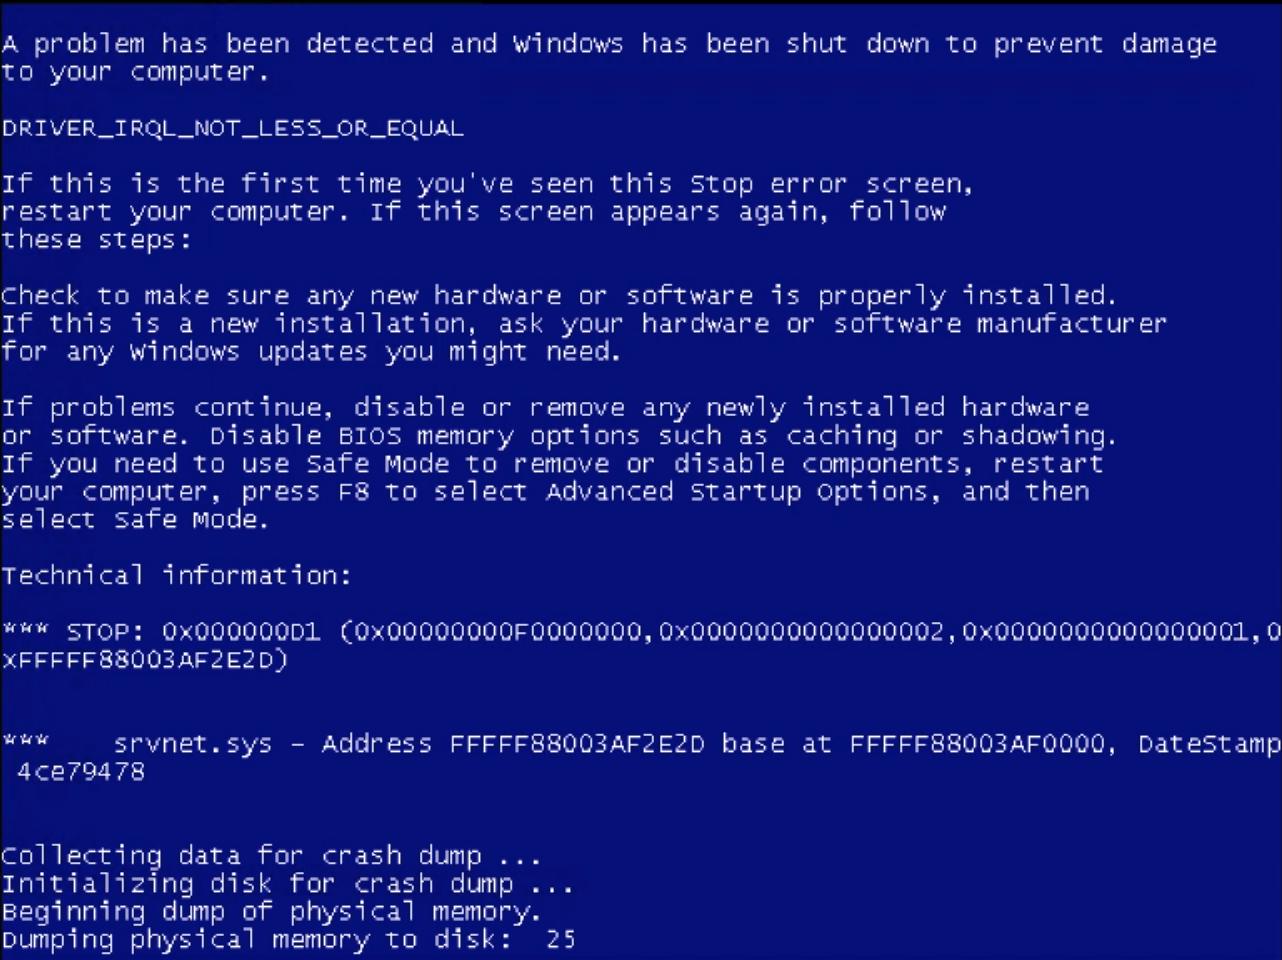 ETERNALBLUE vs Internet Security Suites and nextgen